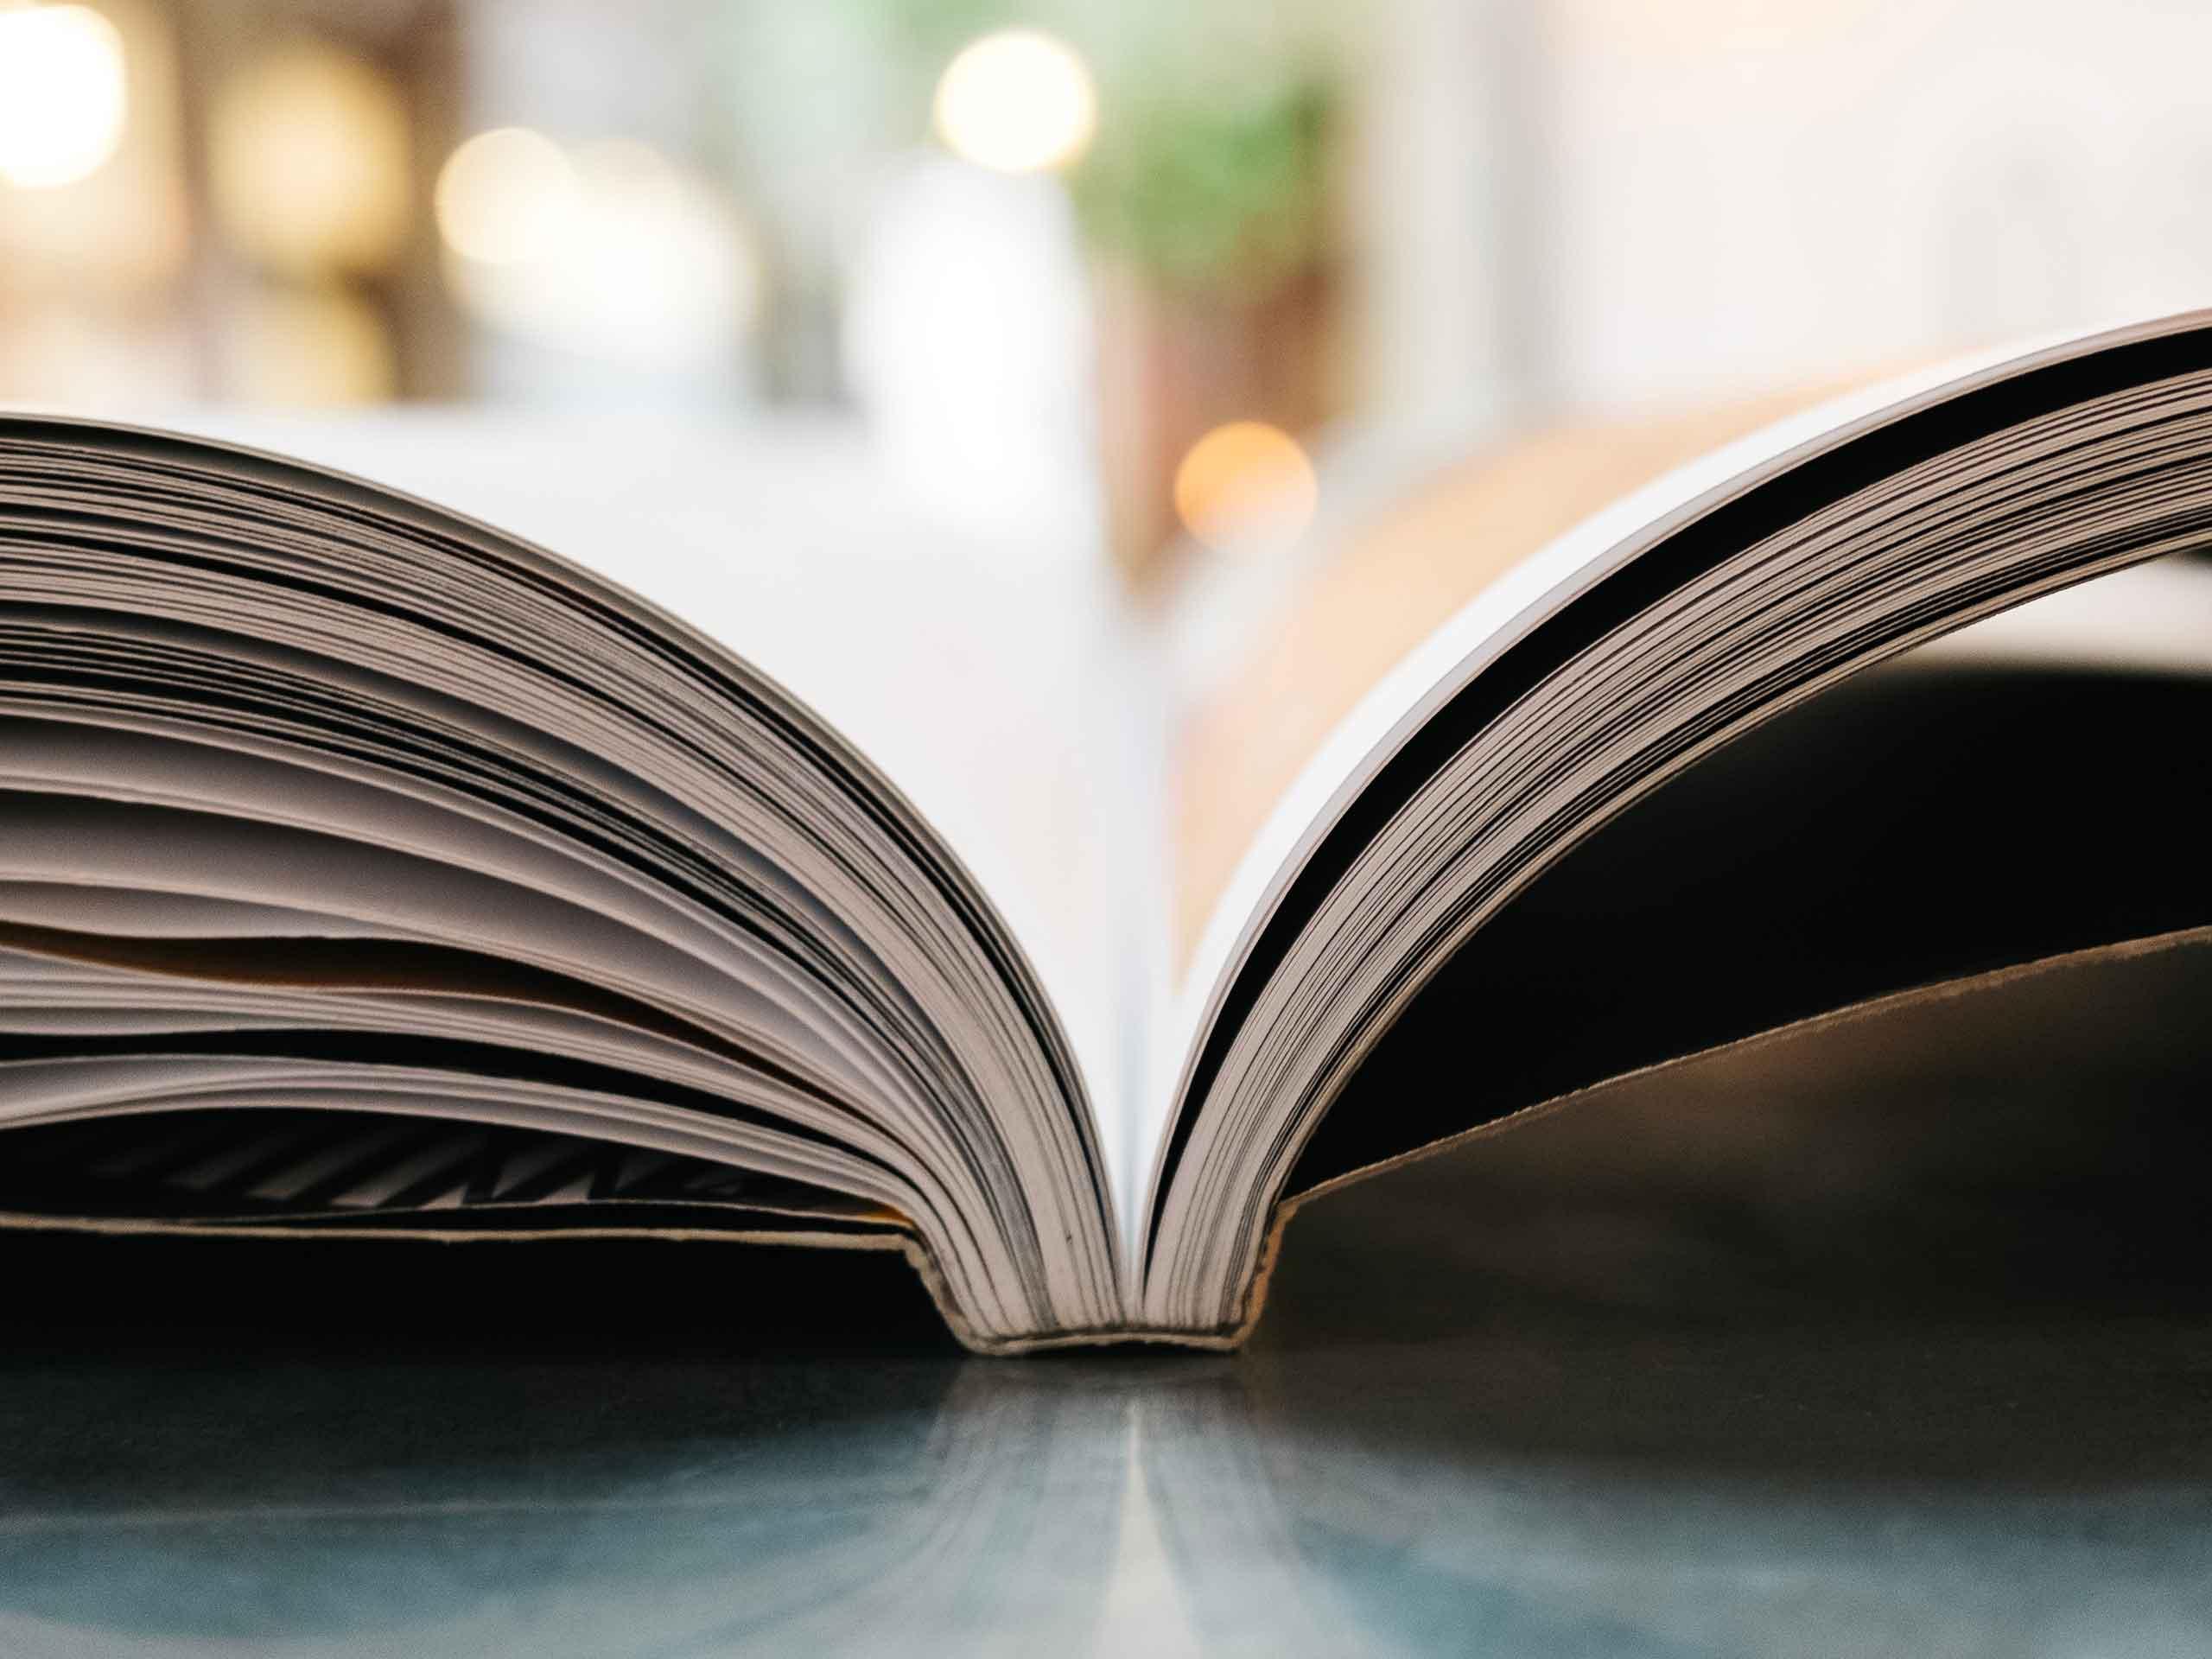 Ein Buch veröffentlichen